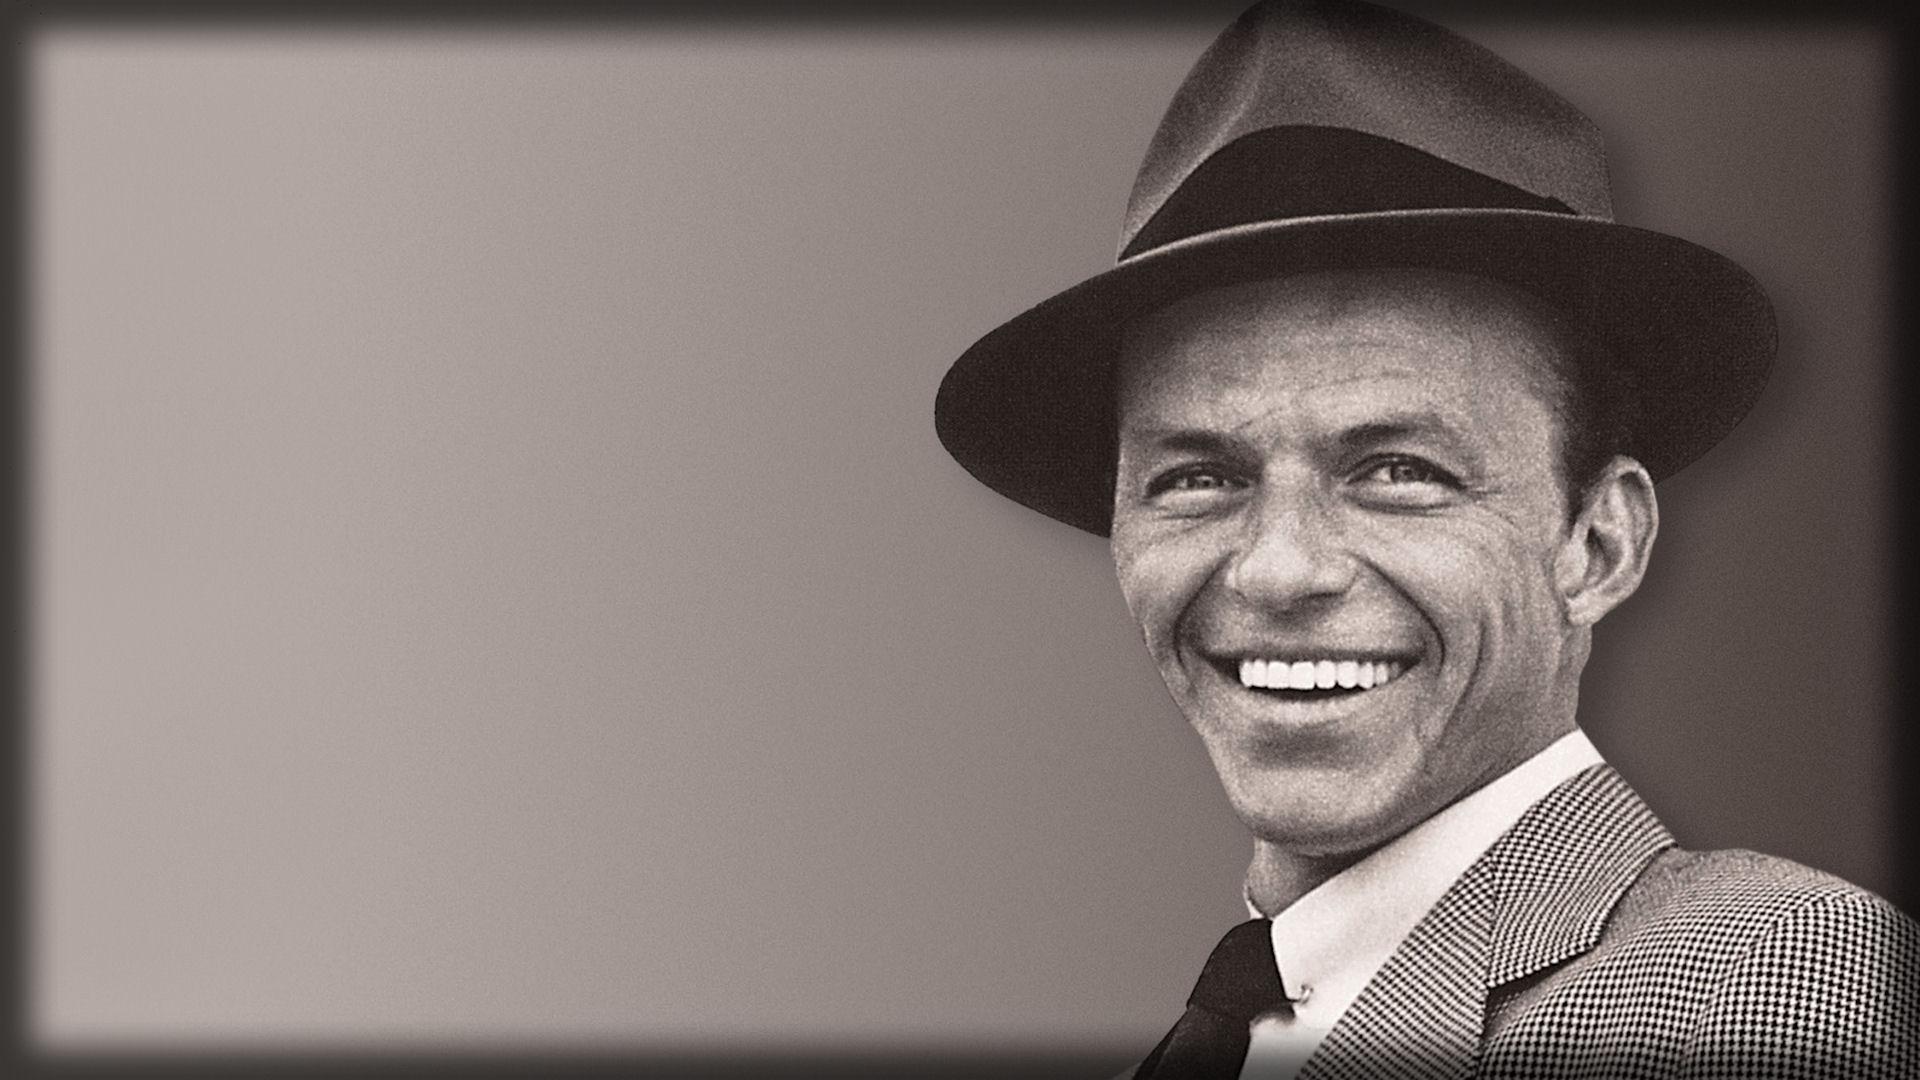 1920x1080 Wallpaper frank sinatra, smile, suit, hat, face